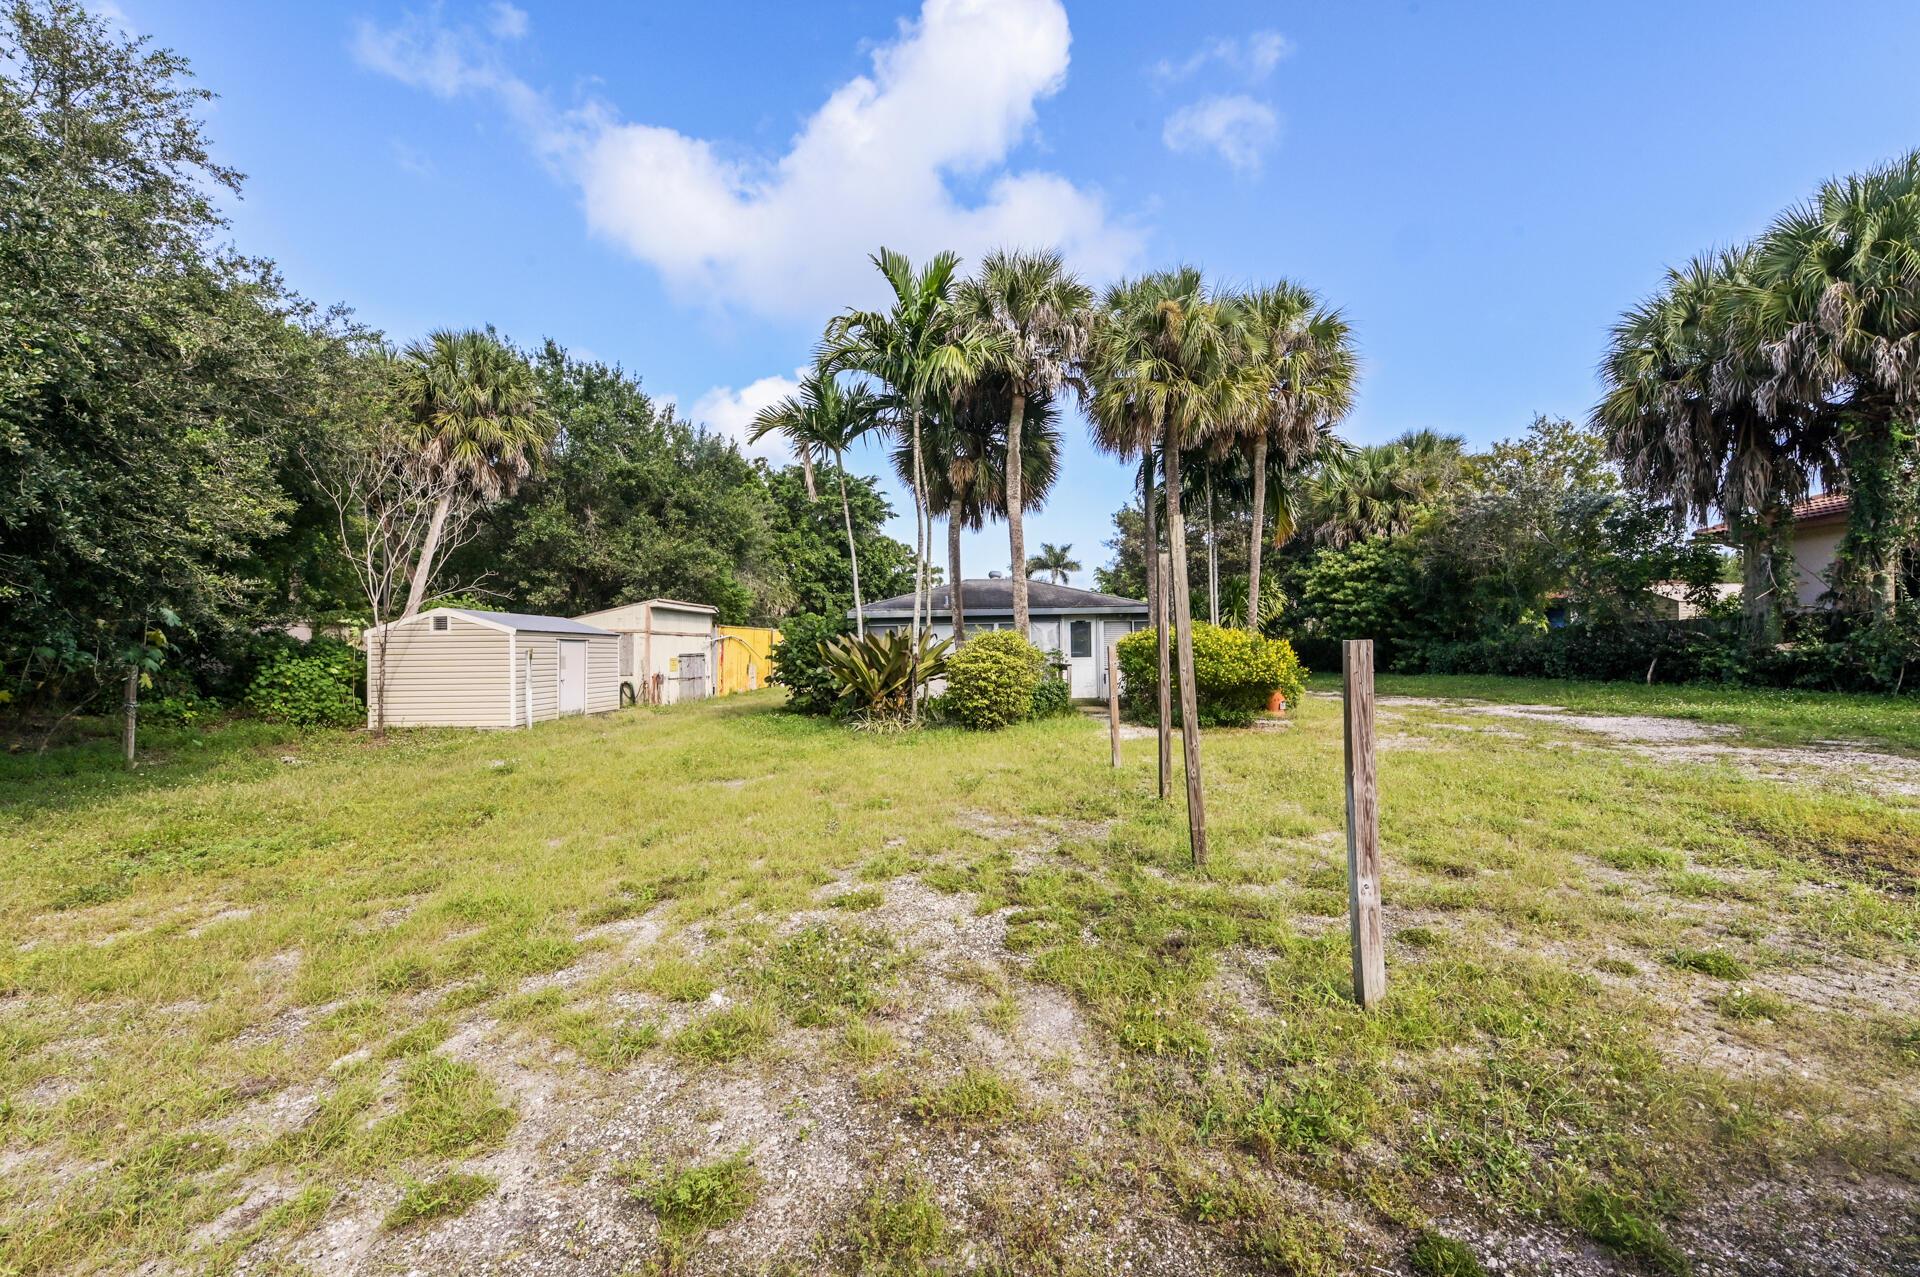 12880 S Military Trail Boynton Beach, FL 33436